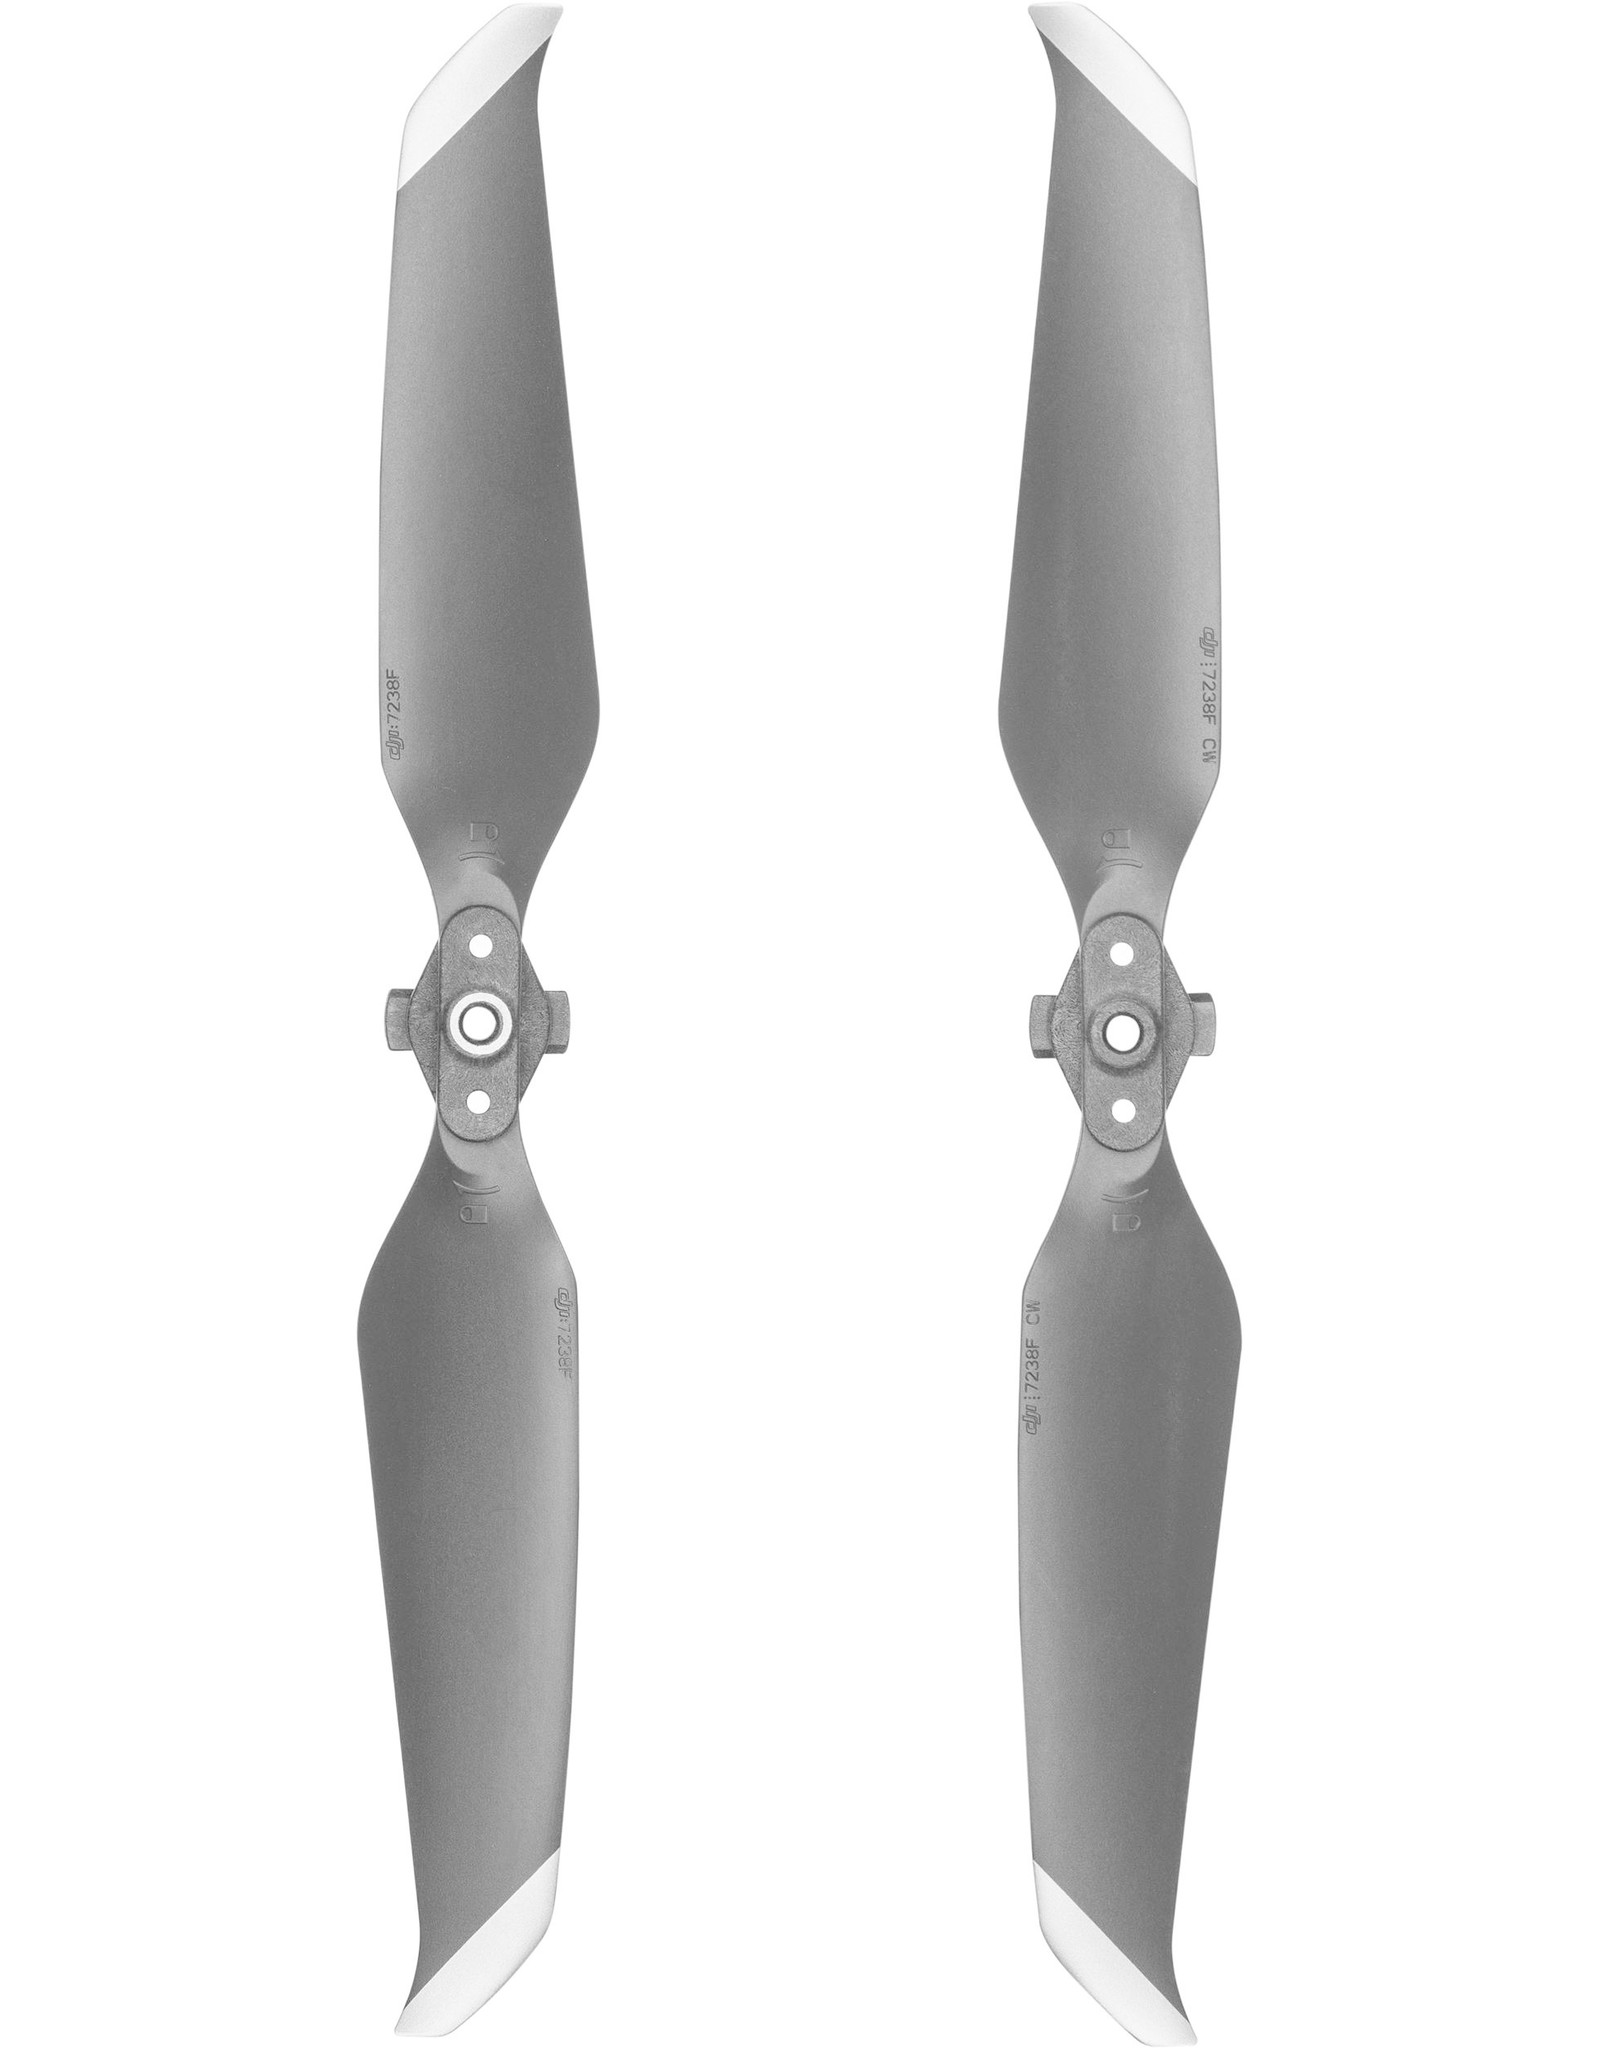 DJI DJI | Mavic Air 2 Low-Noise Propellers (Pair) CP.MA.00000202.01